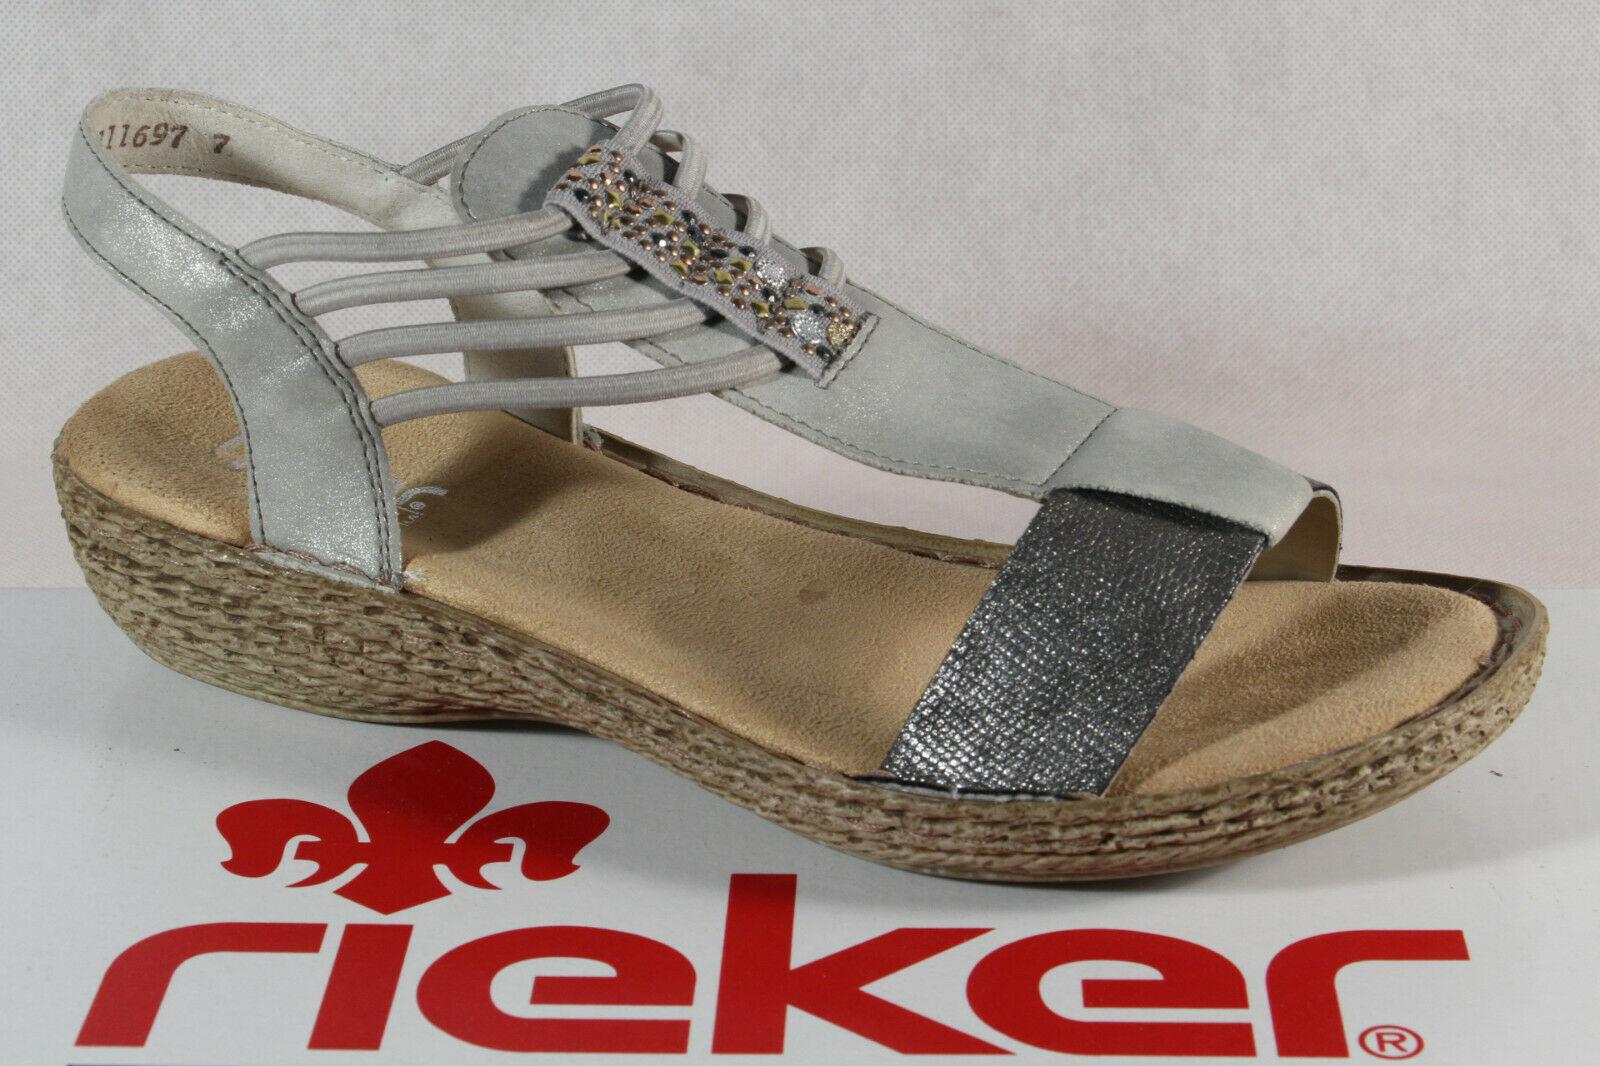 Rieker Sandalette | Modische sandalen, Schuhe damen, Sandalen